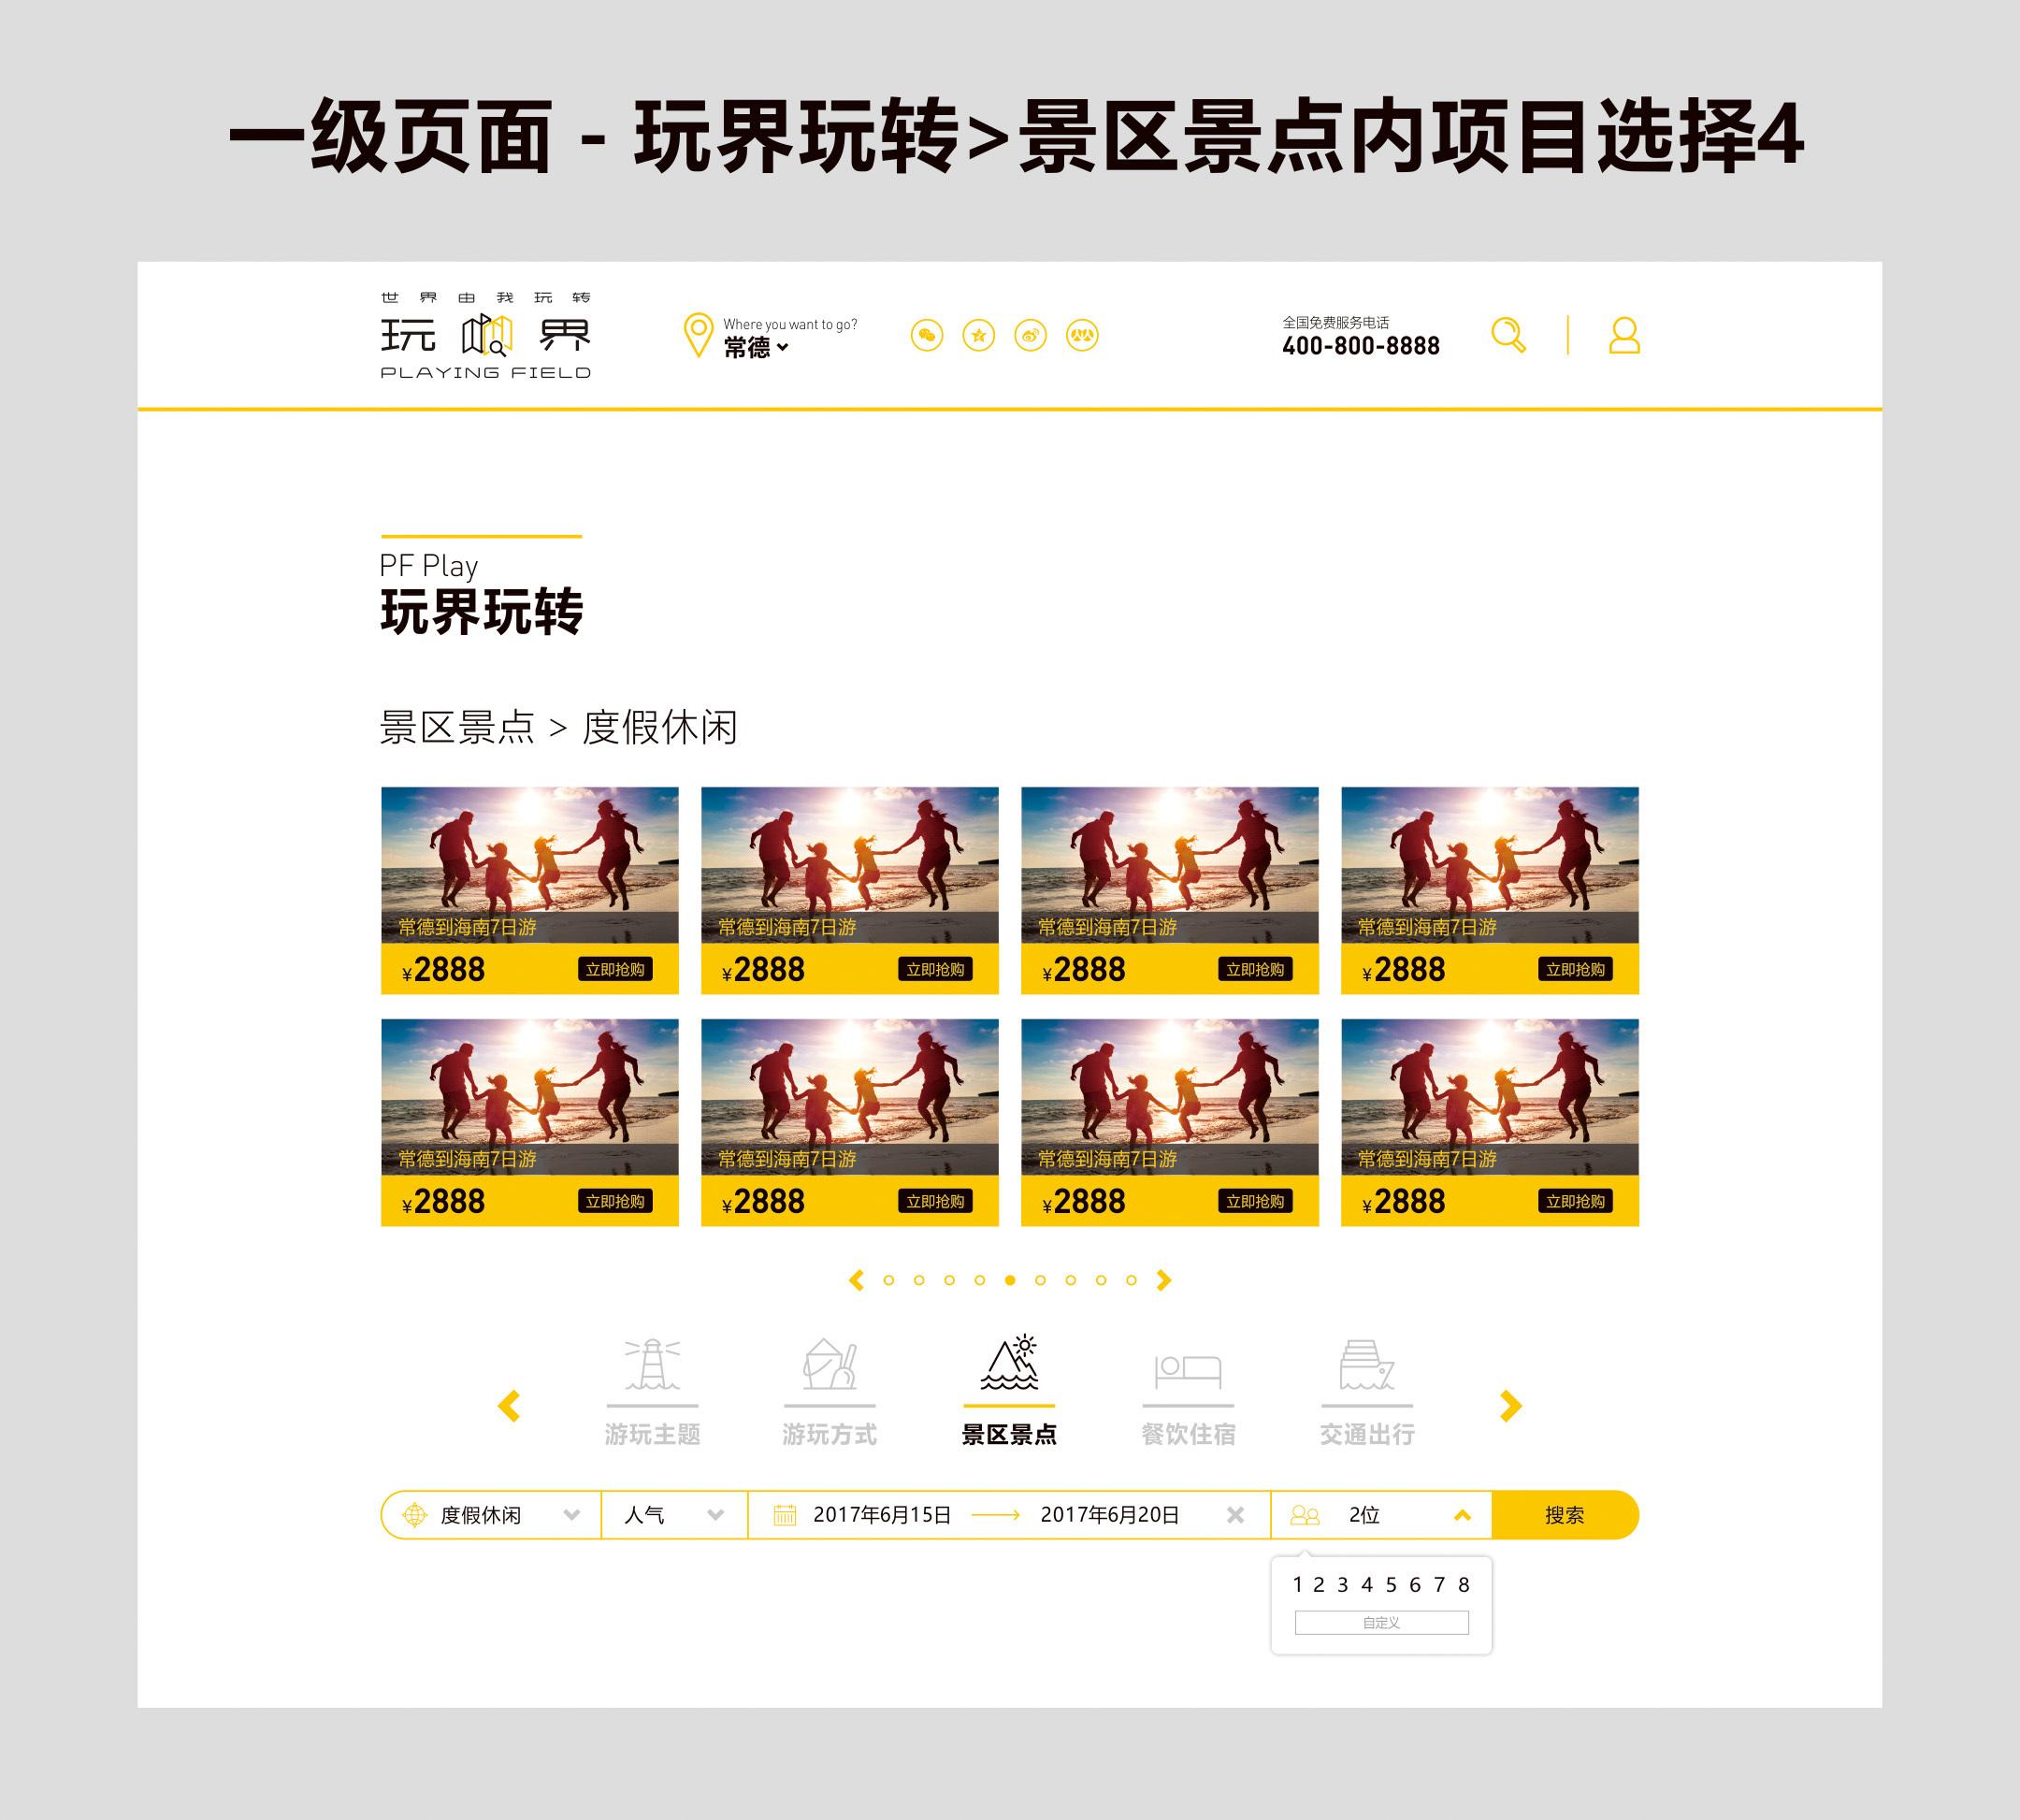 玩界网页设计预览成都精装修施工组织设计图片